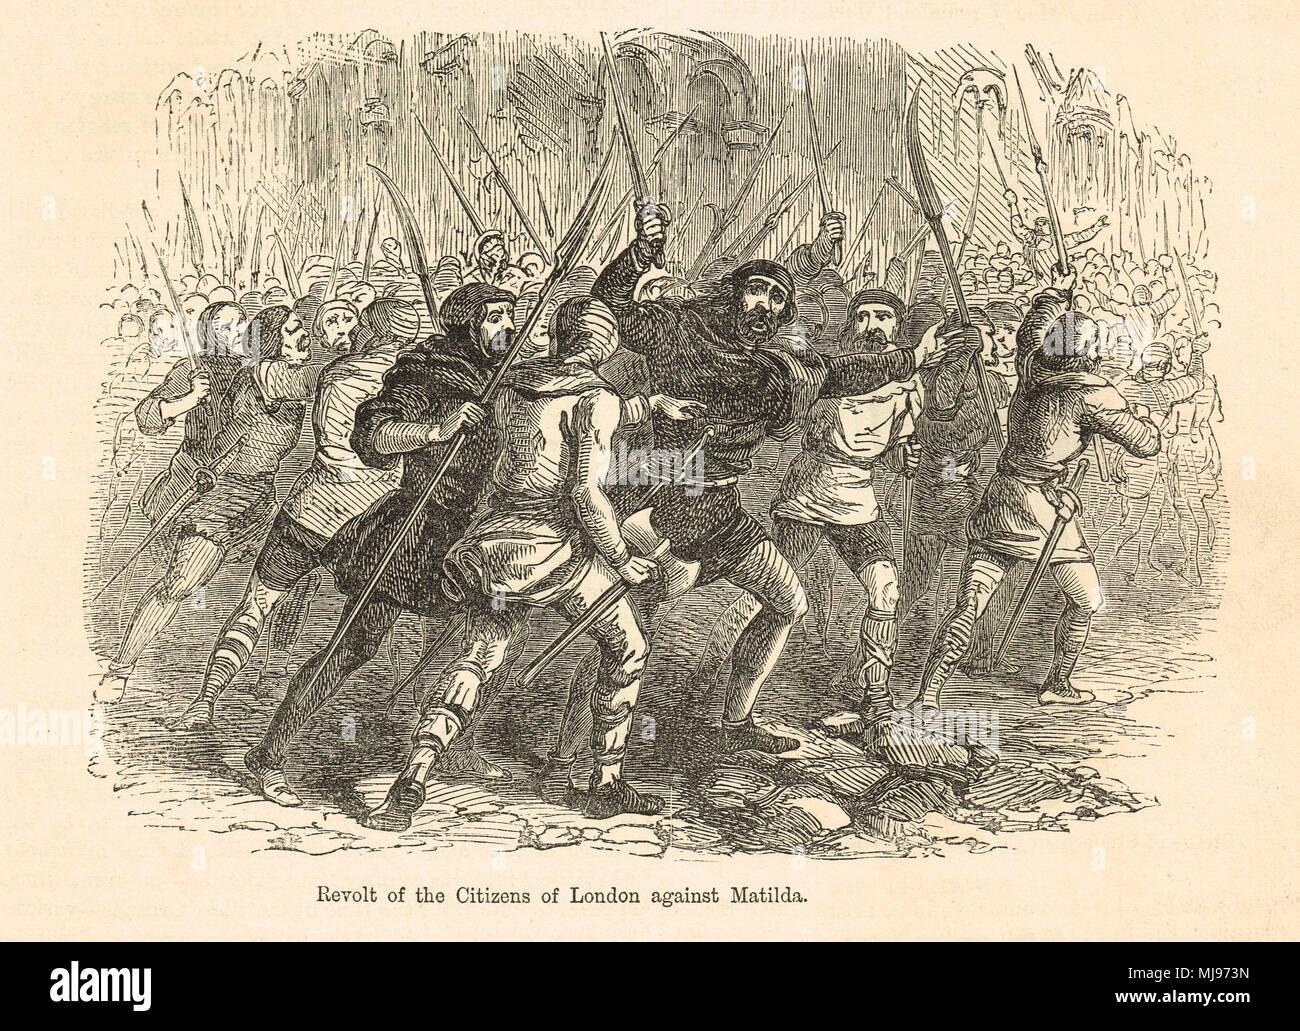 La rivolta dei cittadini di Londra contro l'Imperatrice Matilda, Giugno 1141 Immagini Stock